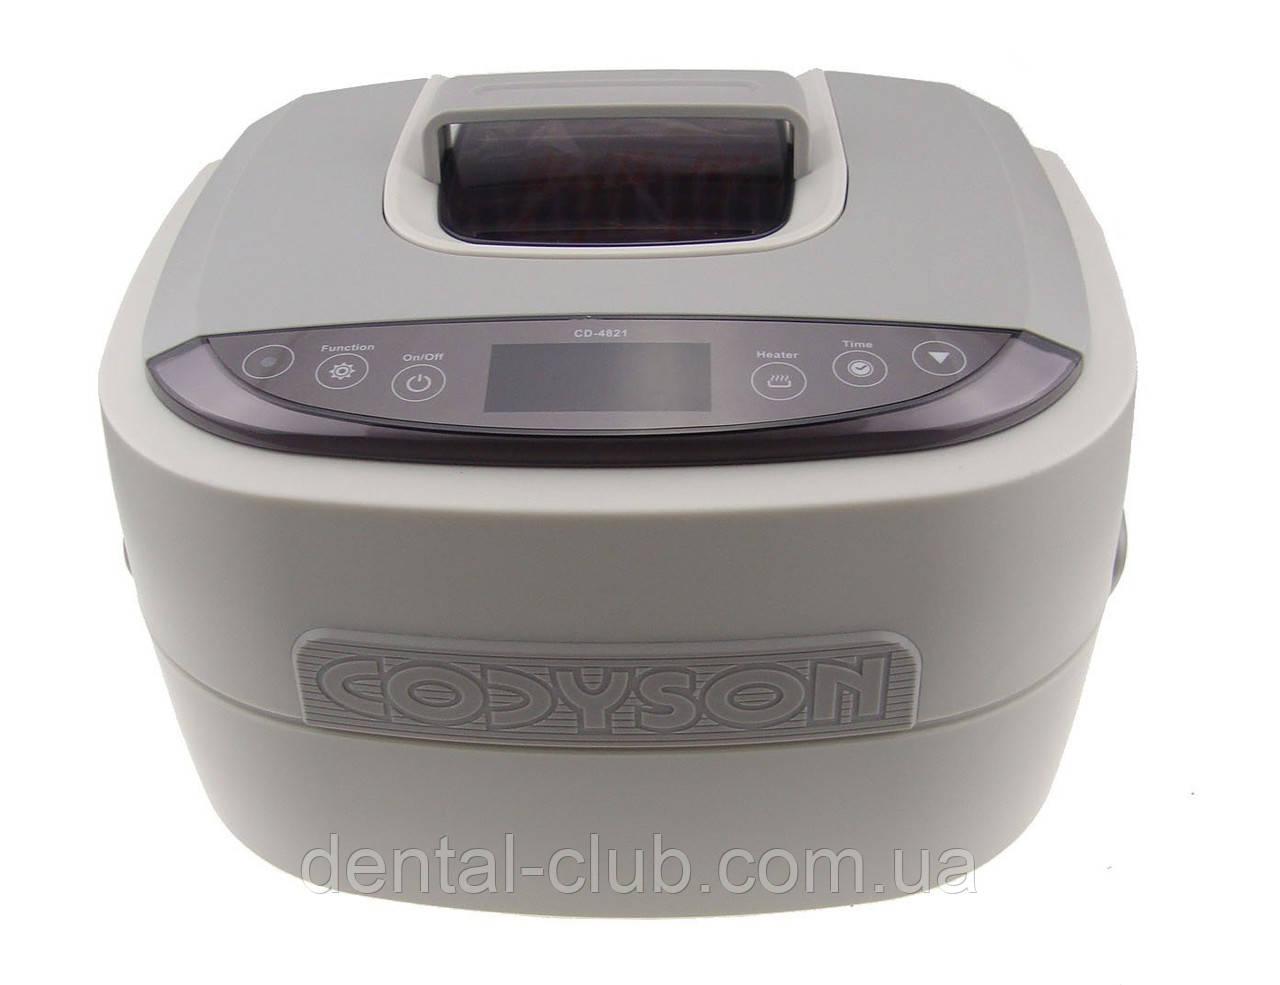 Ультразвуковая ванна мойка СD4821 Codyson - Dental-Club в Киеве